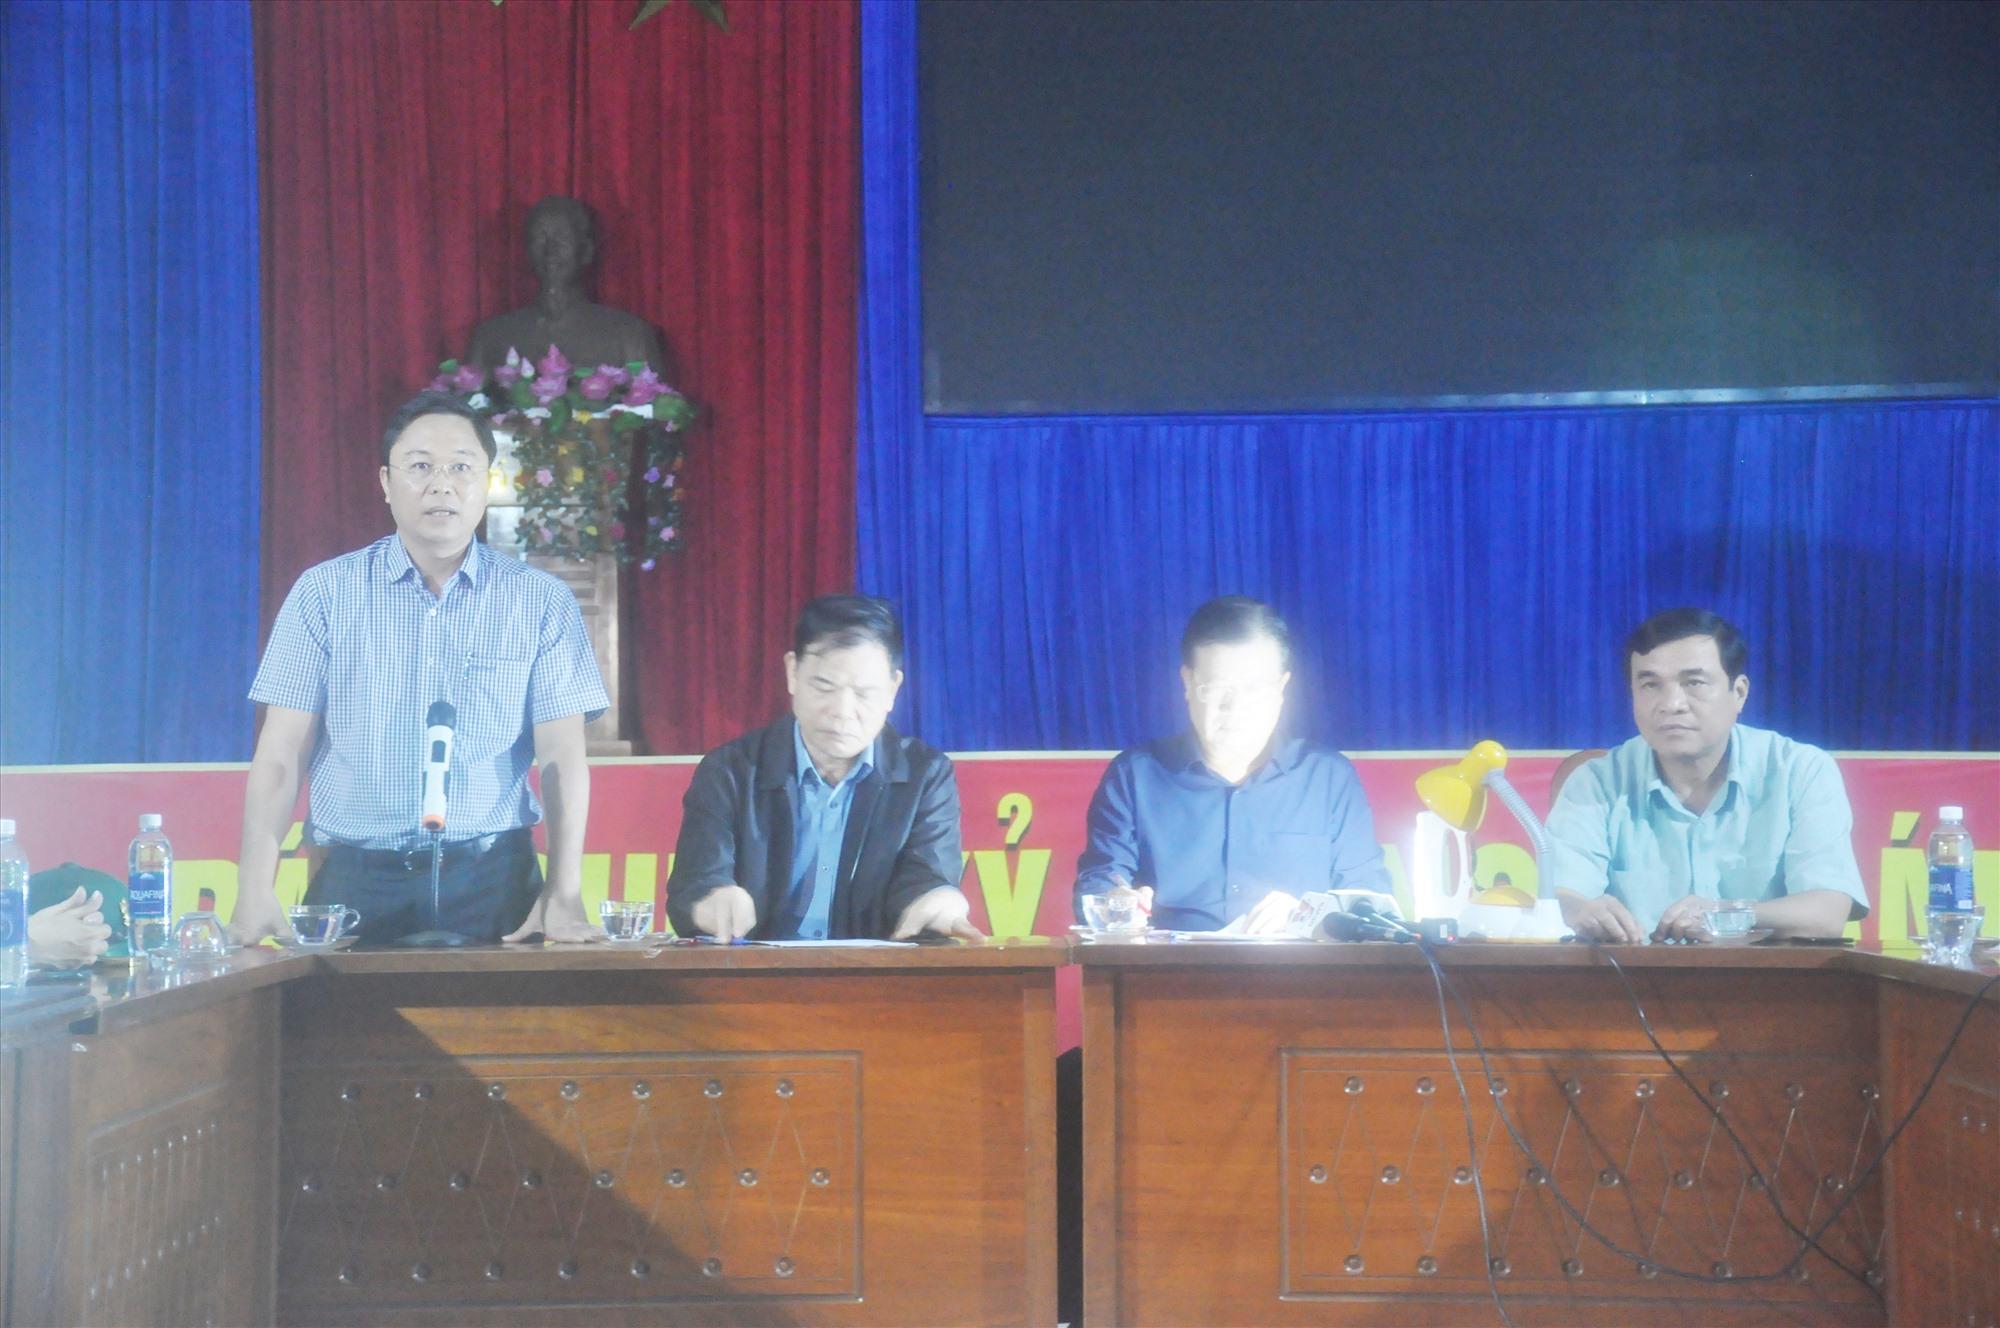 Chủ tịch UBND tỉnh Lê Trí Thanh báo cáo sơ bộ tình hình thiệt hại do cơn báo số 9 với đoàn công tác. Ảnh: N.Đ